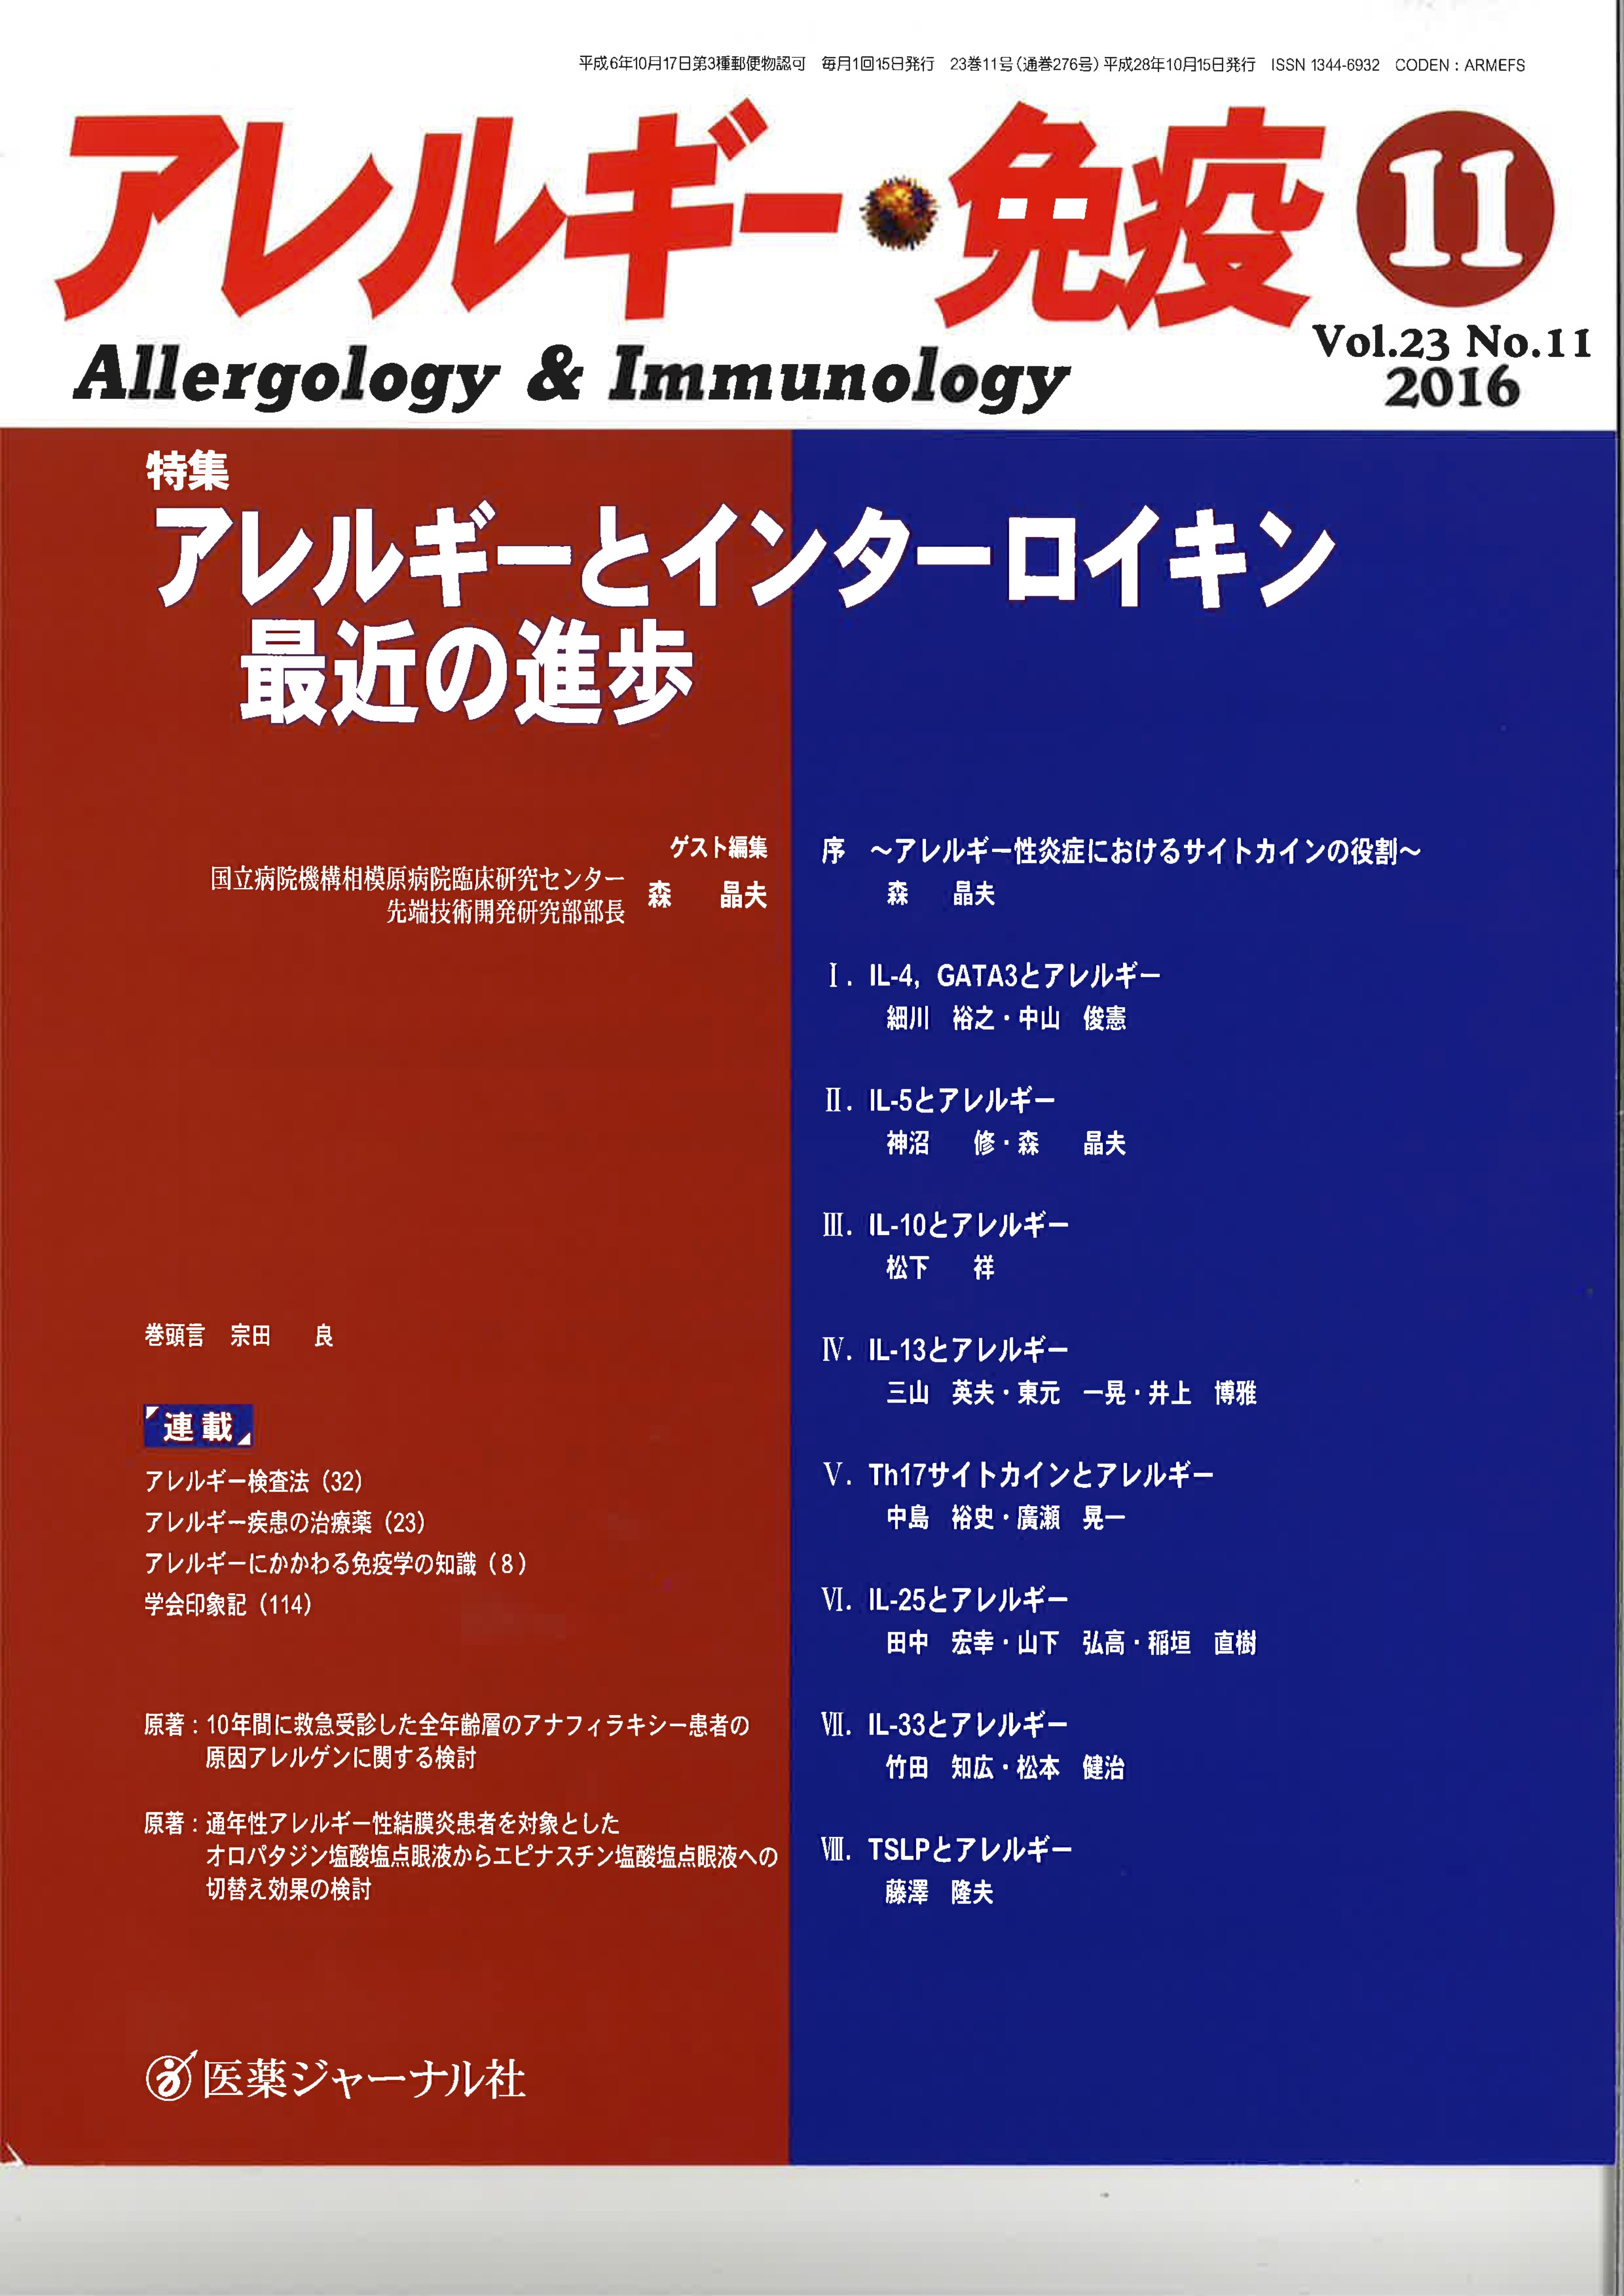 アレルギー・免疫_Vol.23, No.11, 2016.jpg